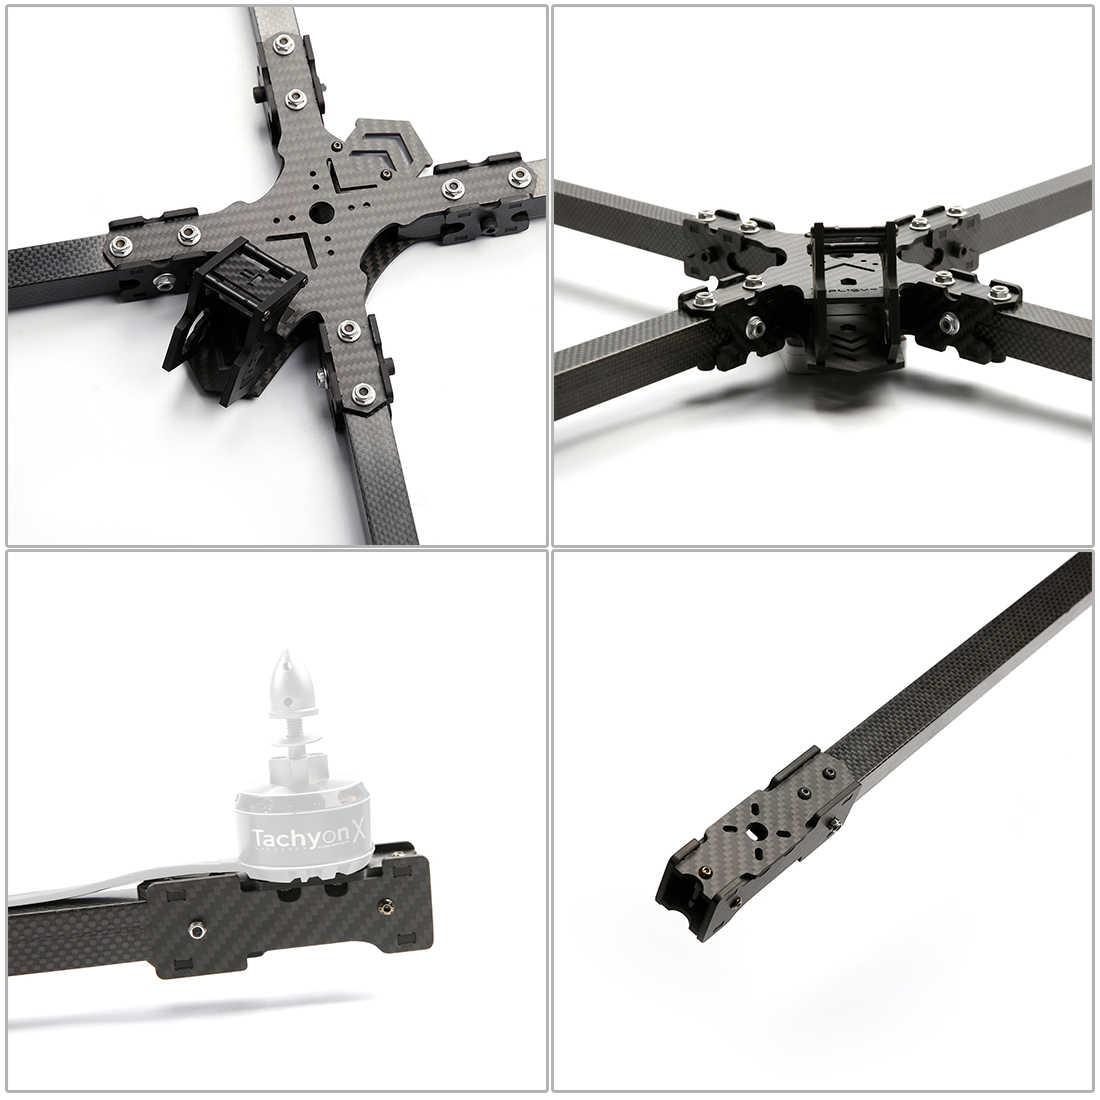 IFlight iXC15 Yarış Çerçeve 15 inç 950mm Gerçek 3K Karbon Fiber çerçeve kiti için Tachyon X4114 660KV Motor FPV Yarış Drone